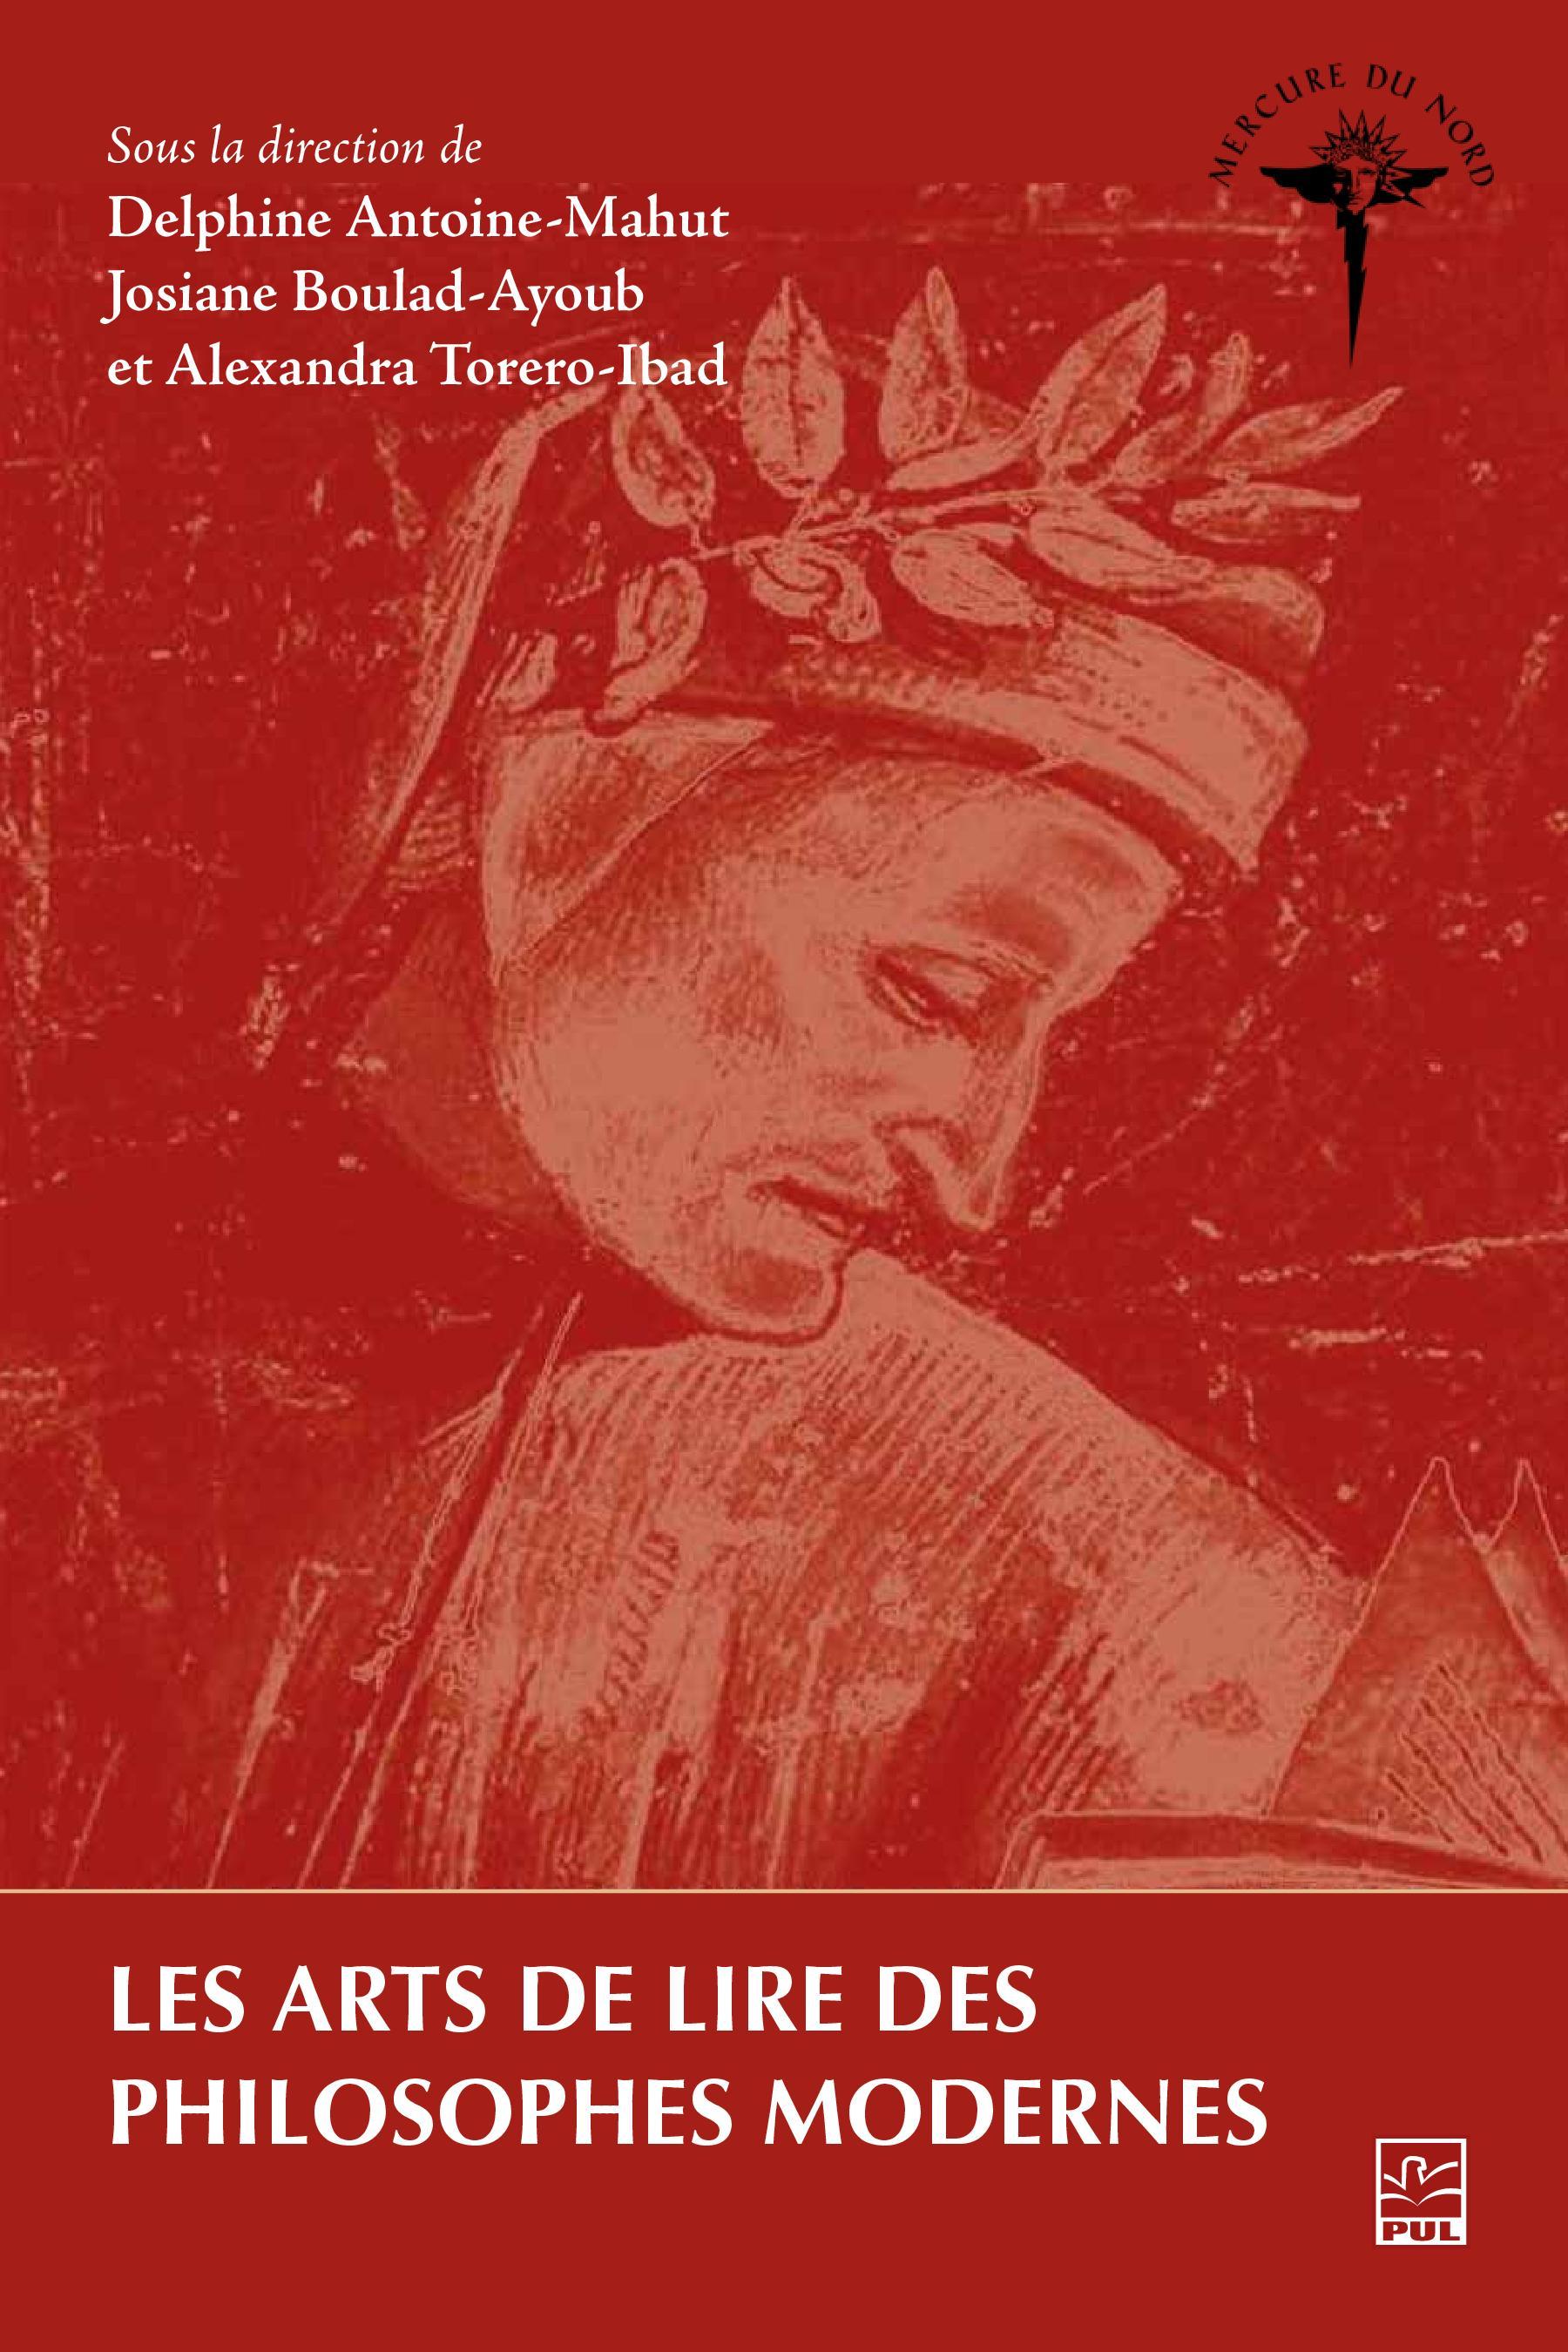 Les arts de lire des philosophes modernes